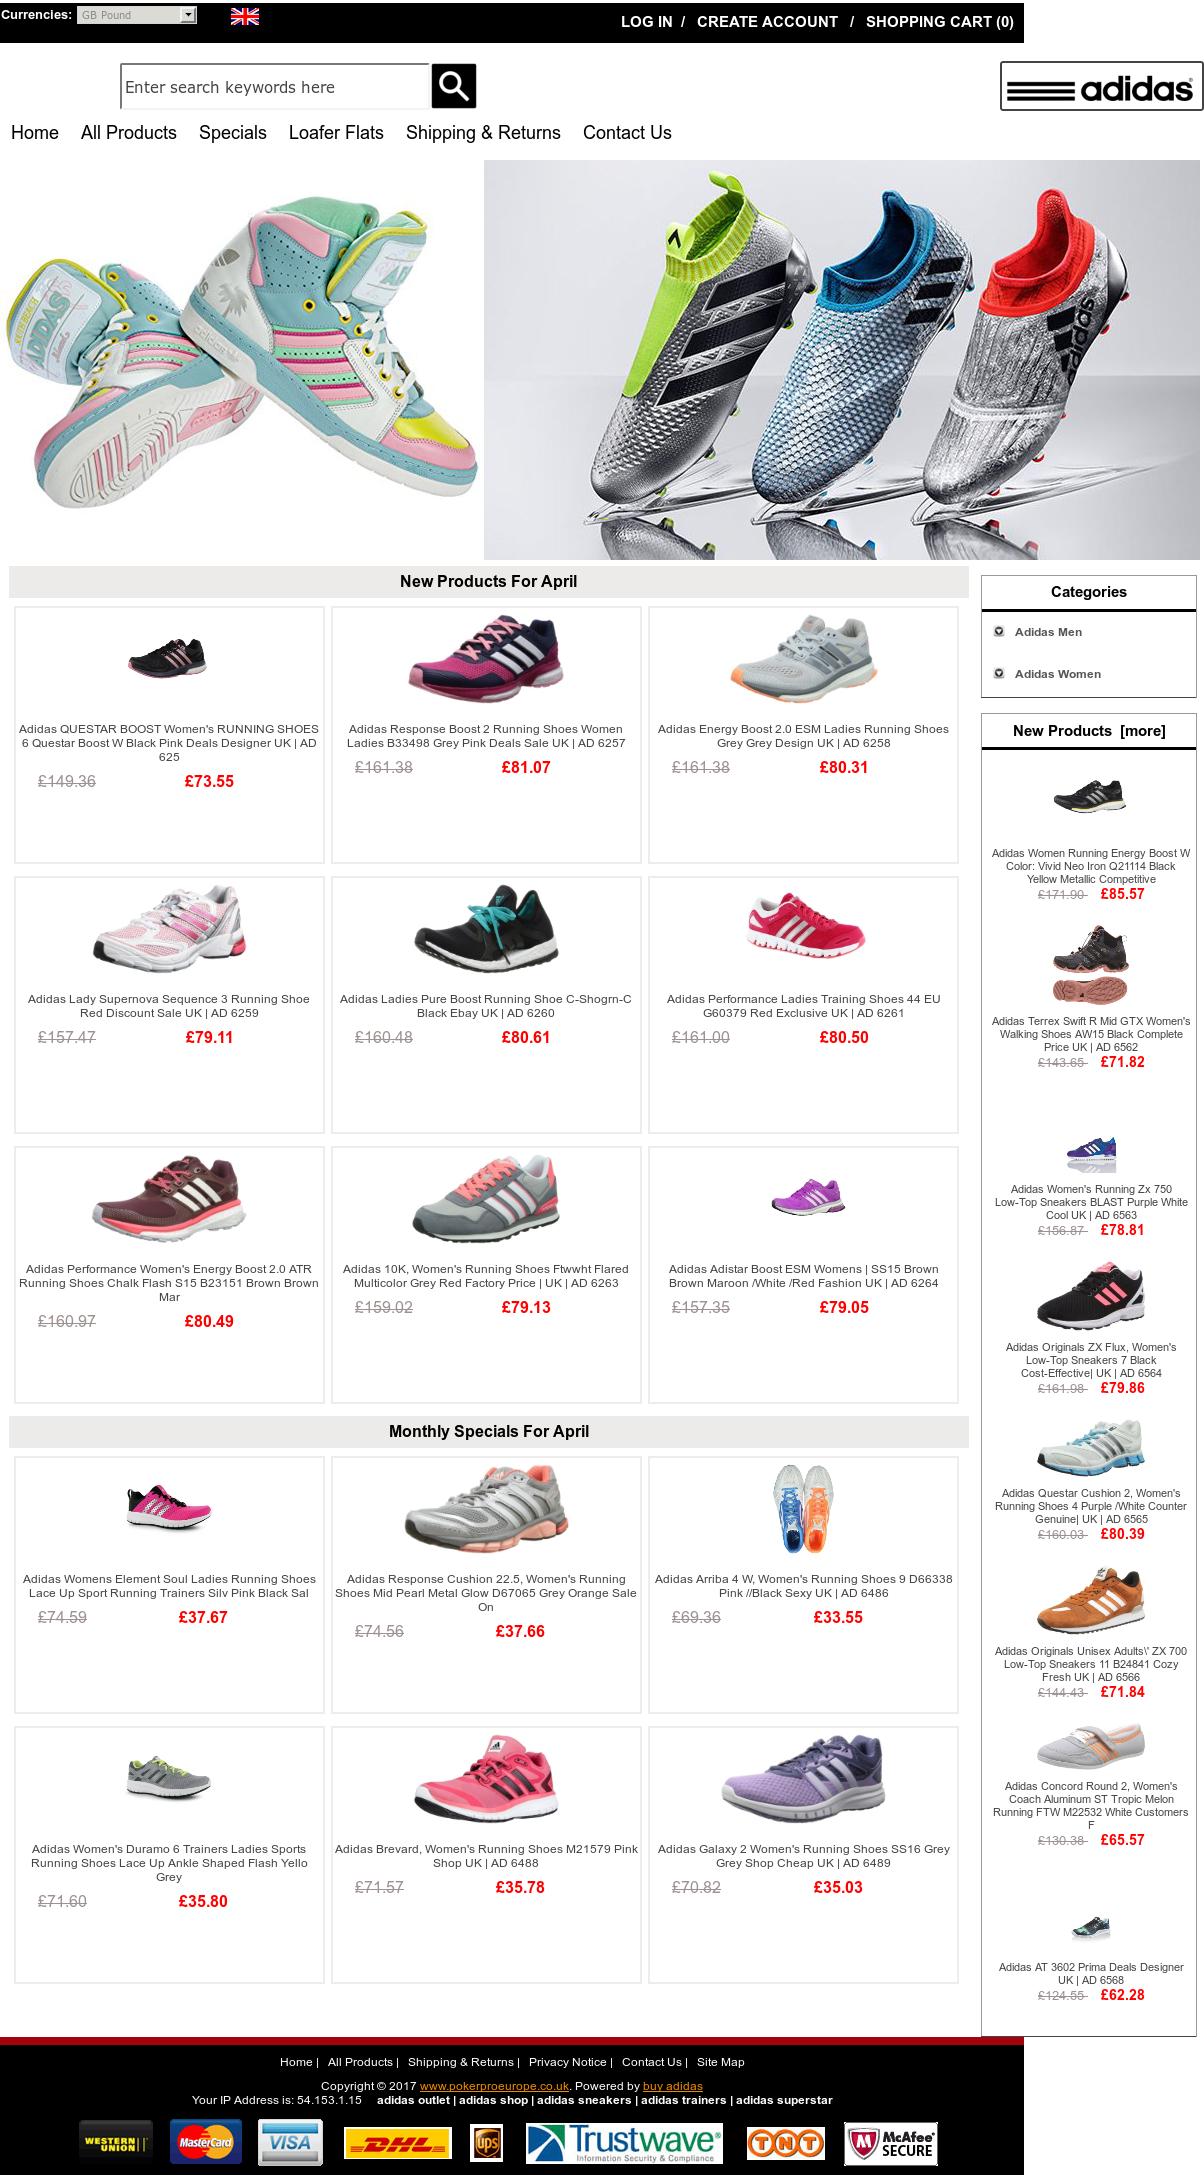 2e4266e748d4 elegant shoes adidas goletto iv trx hg f33050 color white black ...